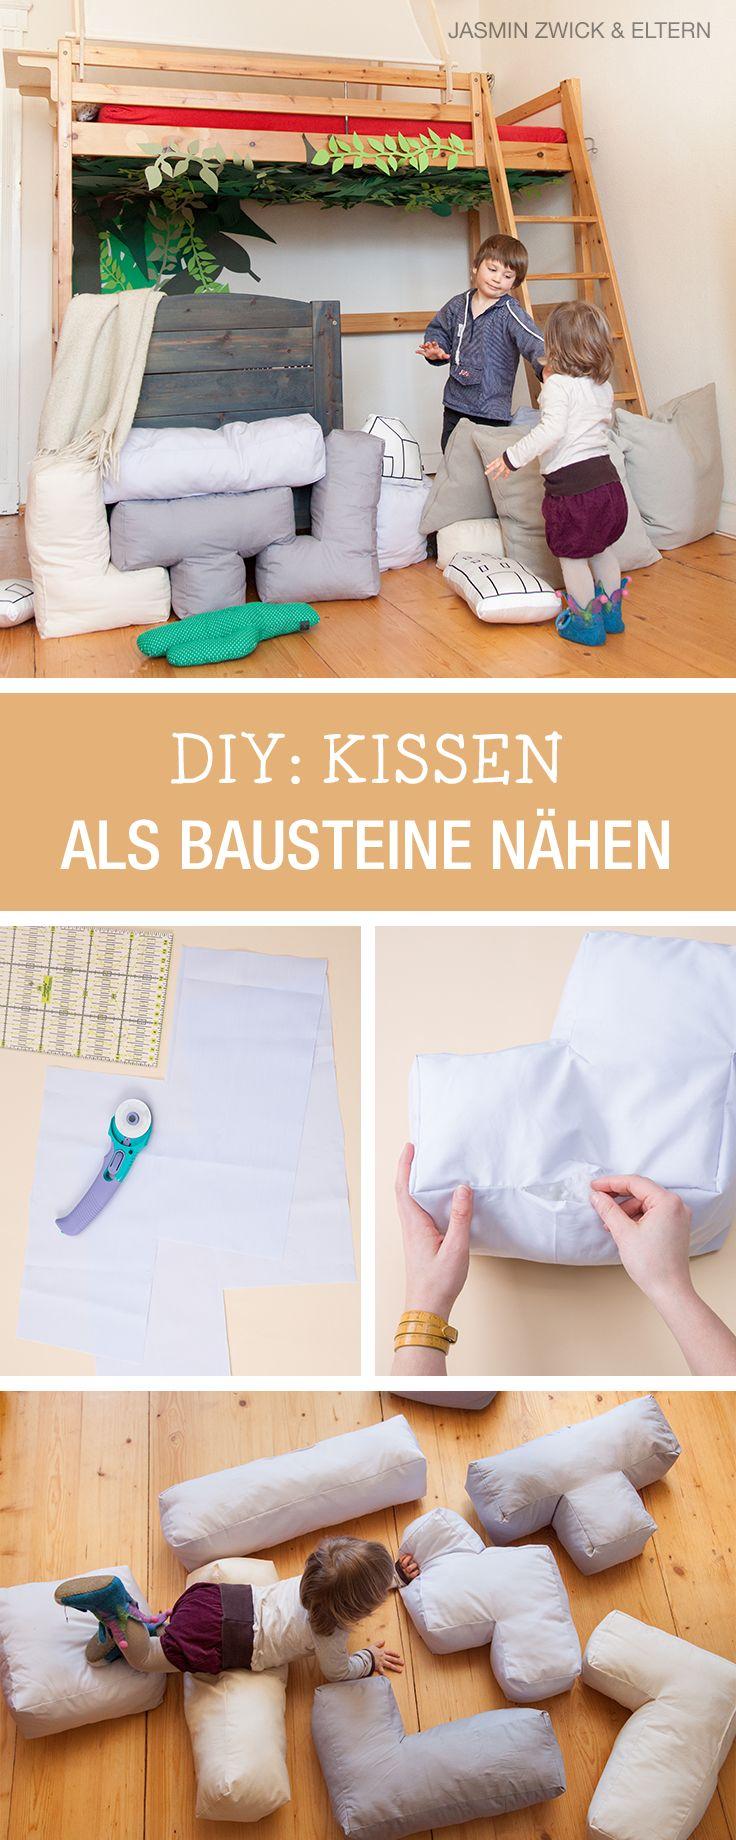 Nähanleitung für Kissen in Tetrisform, Kinderzimmer einrichten mit Eltern.de / sewing pattern for tetris style cushions via DaWanda.com